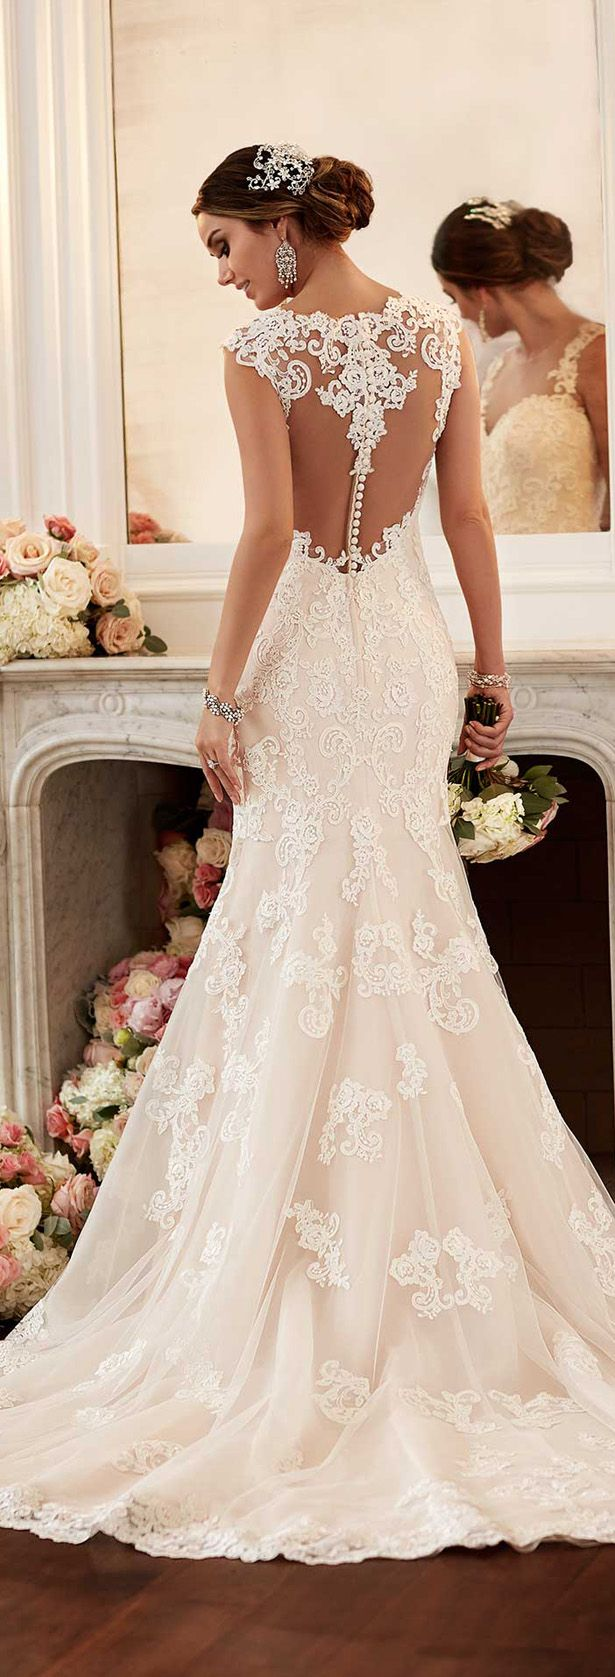 Royal themed wedding dresses  Antonis Tzikas antonistzikas on Pinterest